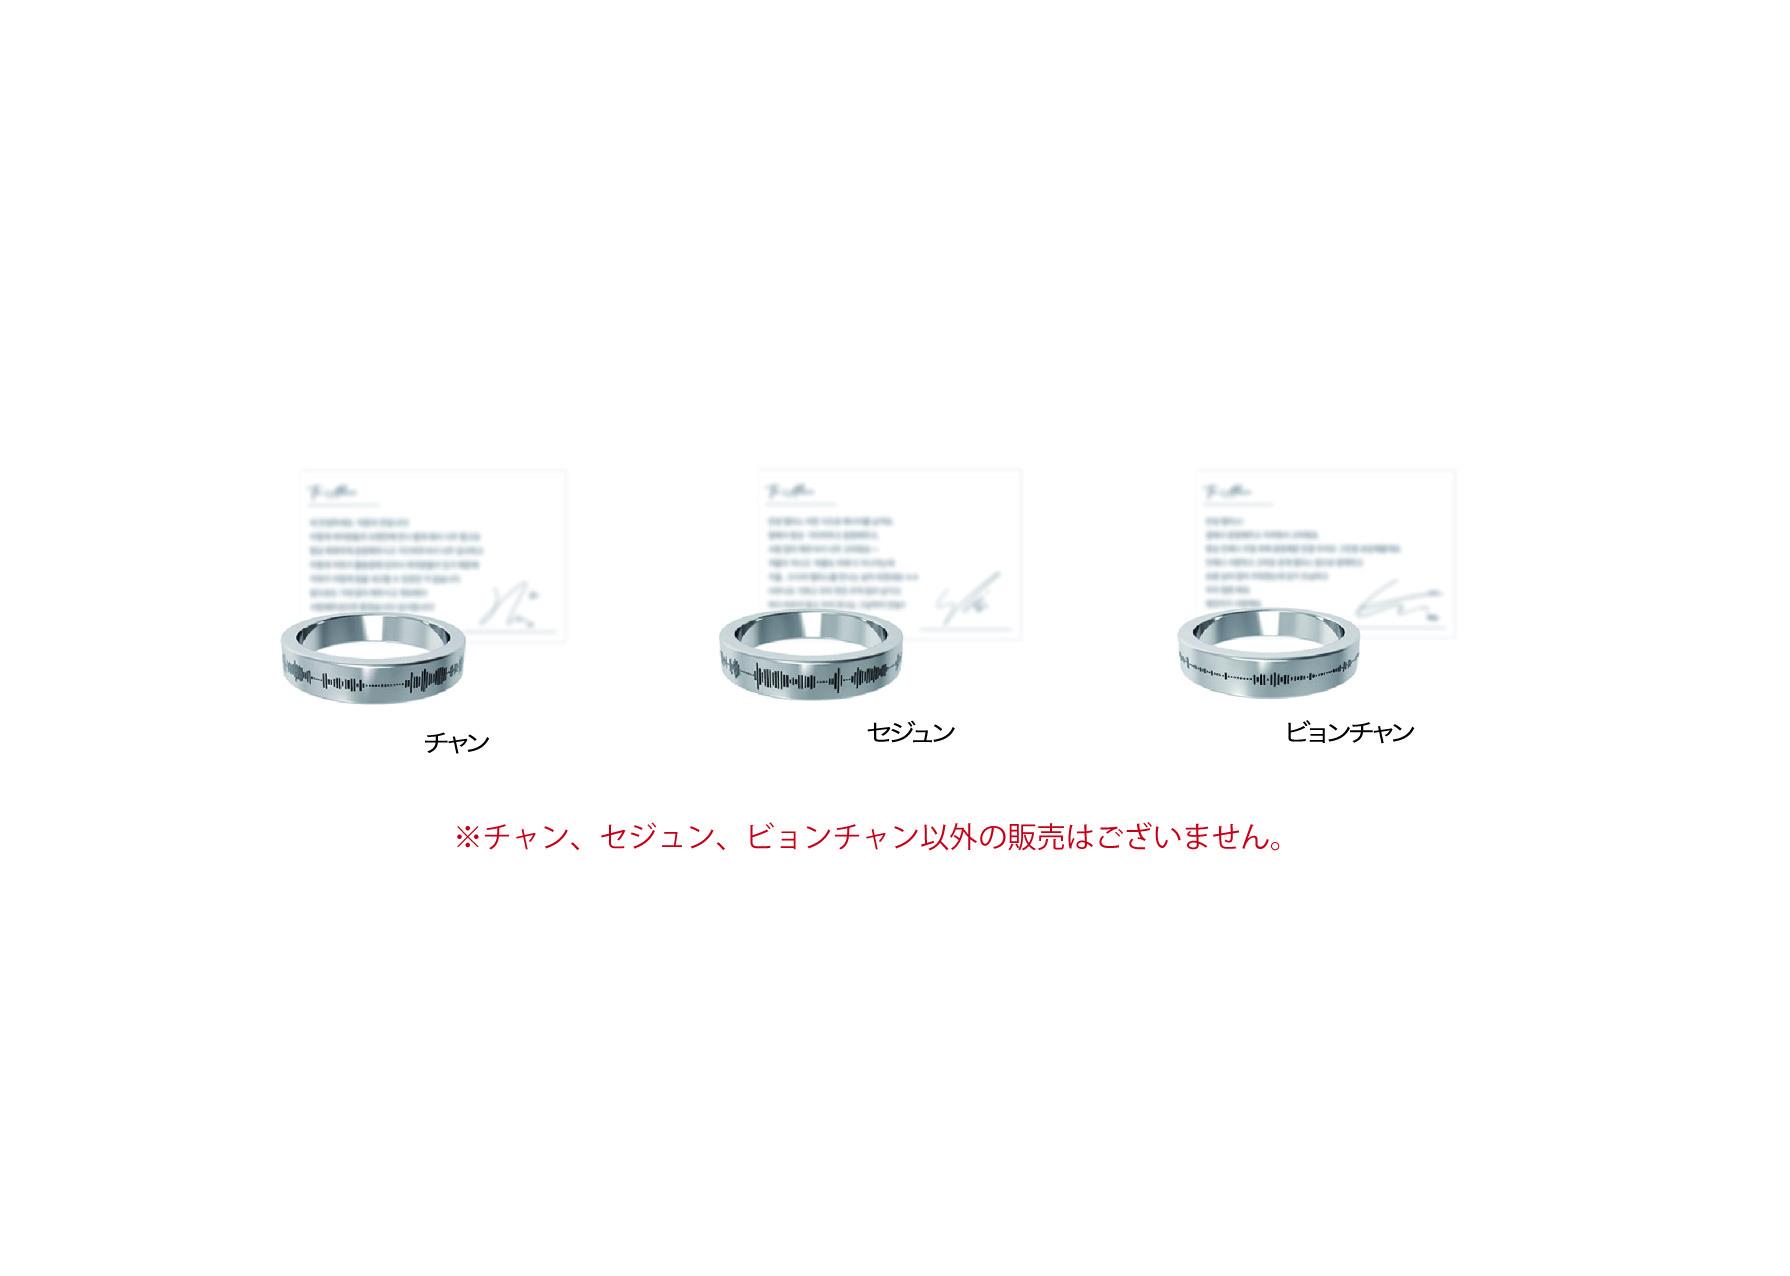 音波指輪&メッセーカード(チャン、セジュン、ビョンチャン)